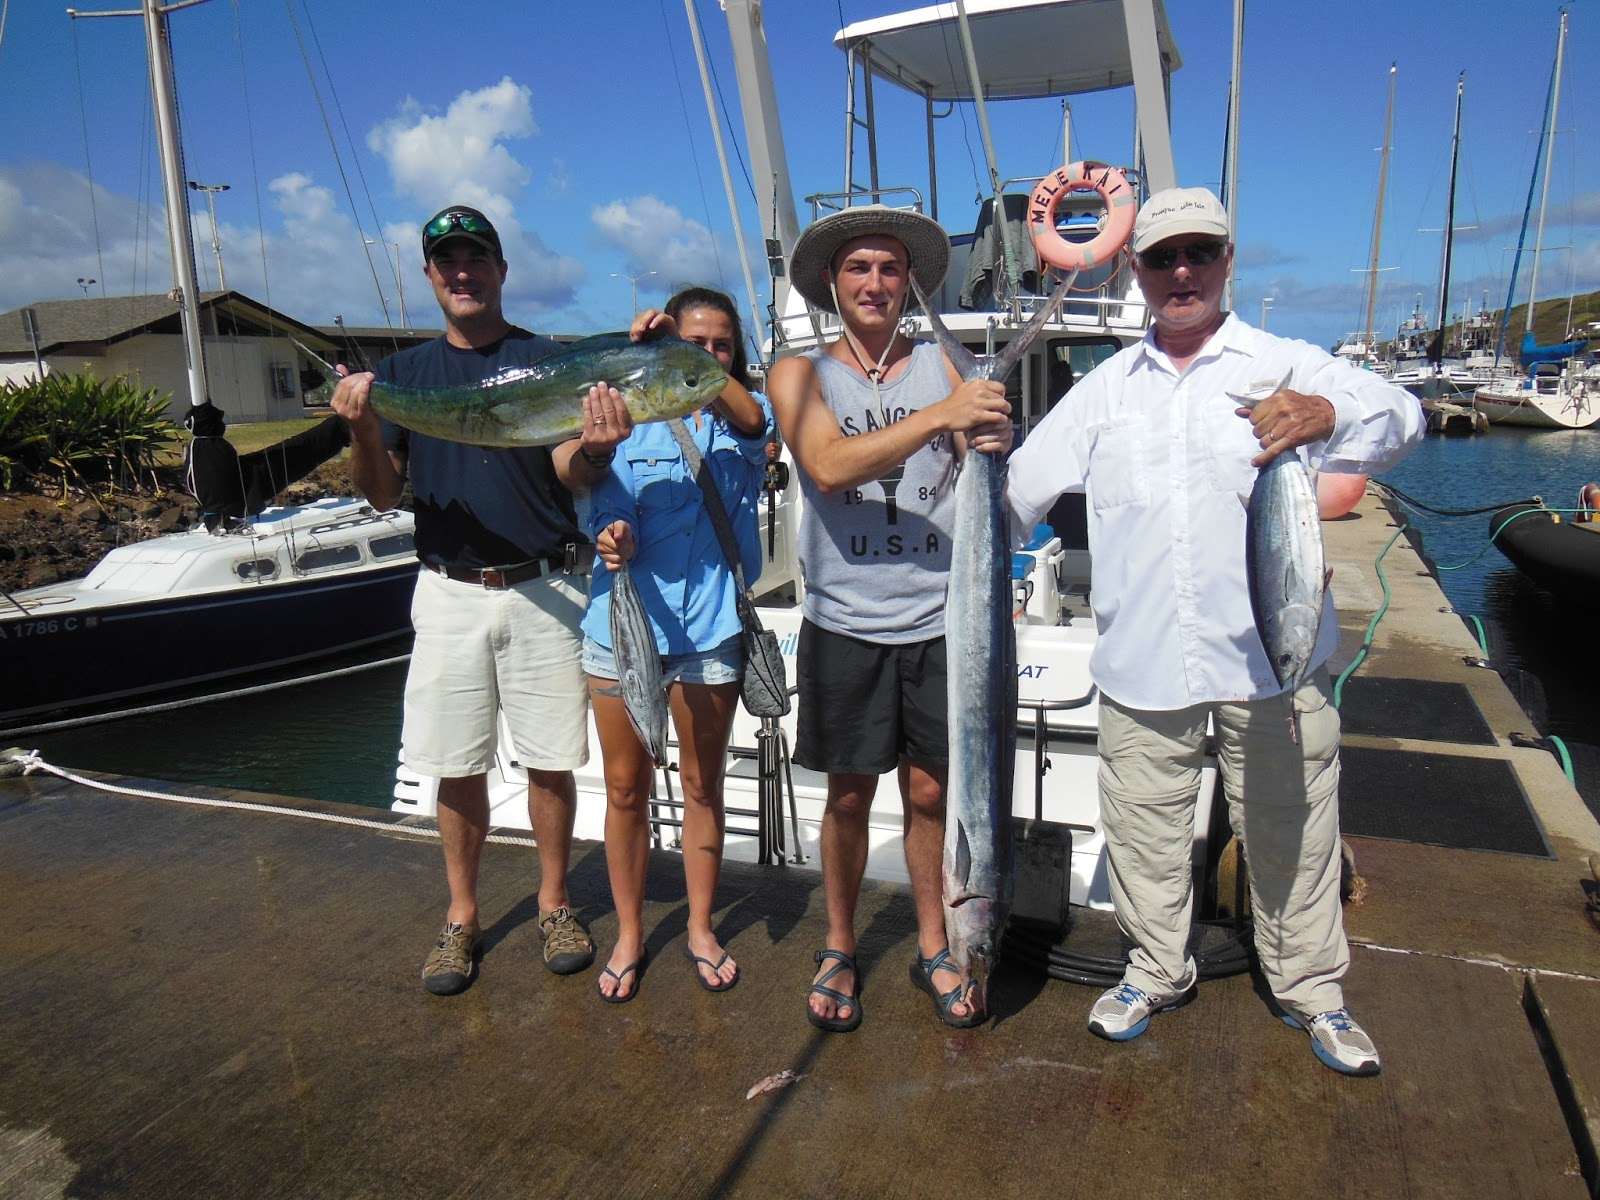 C lure fishing chaters kauai hawaii mele kai kauai for Kauai fishing report